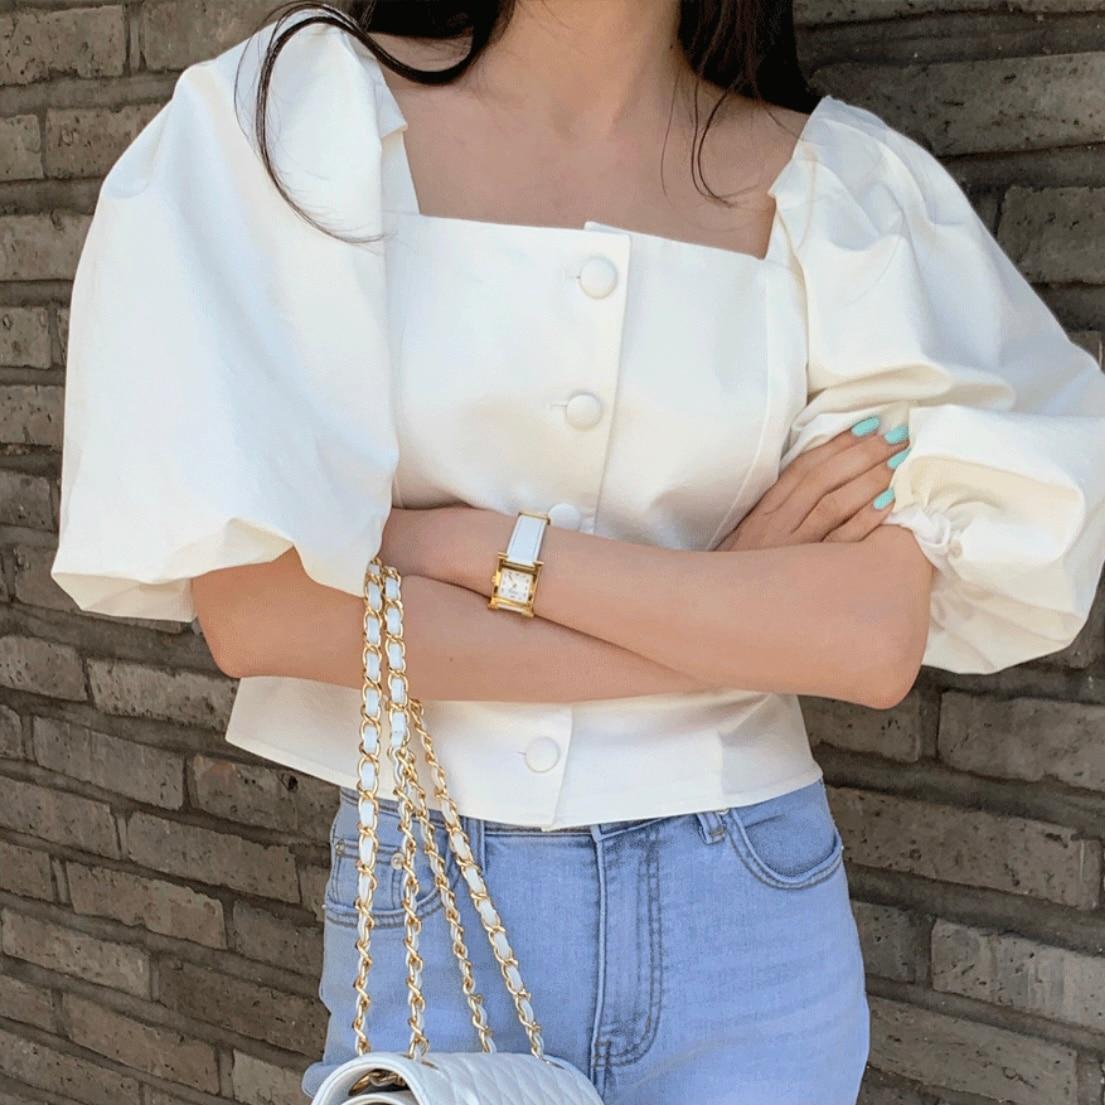 2021 الصيف الكورية شيك نفخة كم بلوزة بيضاء المرأة عادية مكتب سيدة قميص قصير ملابس الشارع الشهير بلوزات الجمالية السيدات